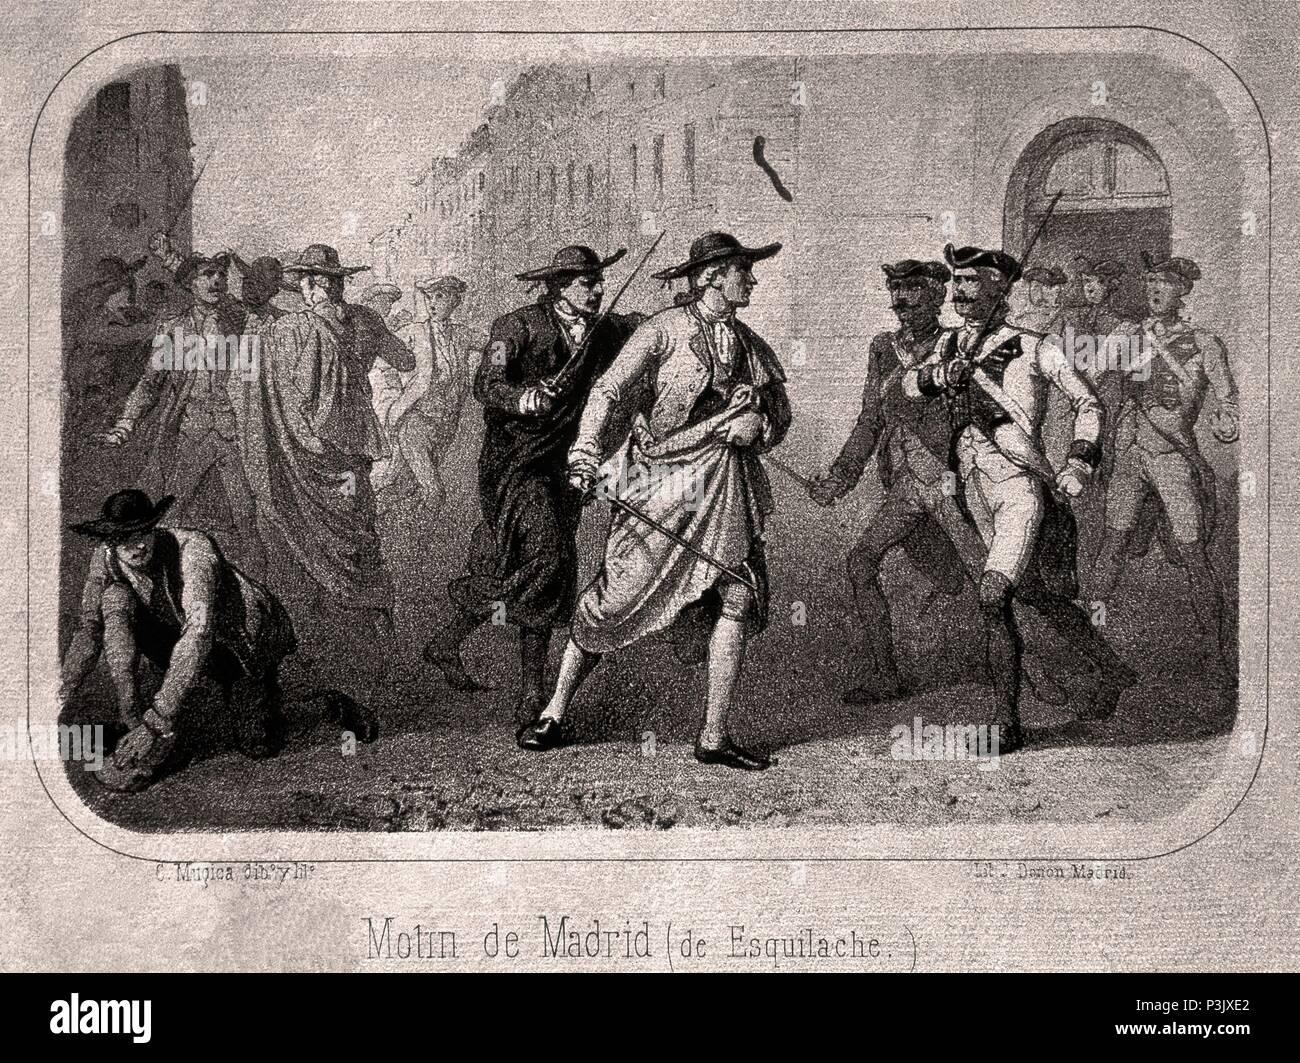 GRABADO-MOTIN DE ESQUILACHE EN LA PRIMAVERA DE 1766. Location: MUSEO DE  HISTORIA-GRABADOS BLANCO Y NEGRO, SPAIN.